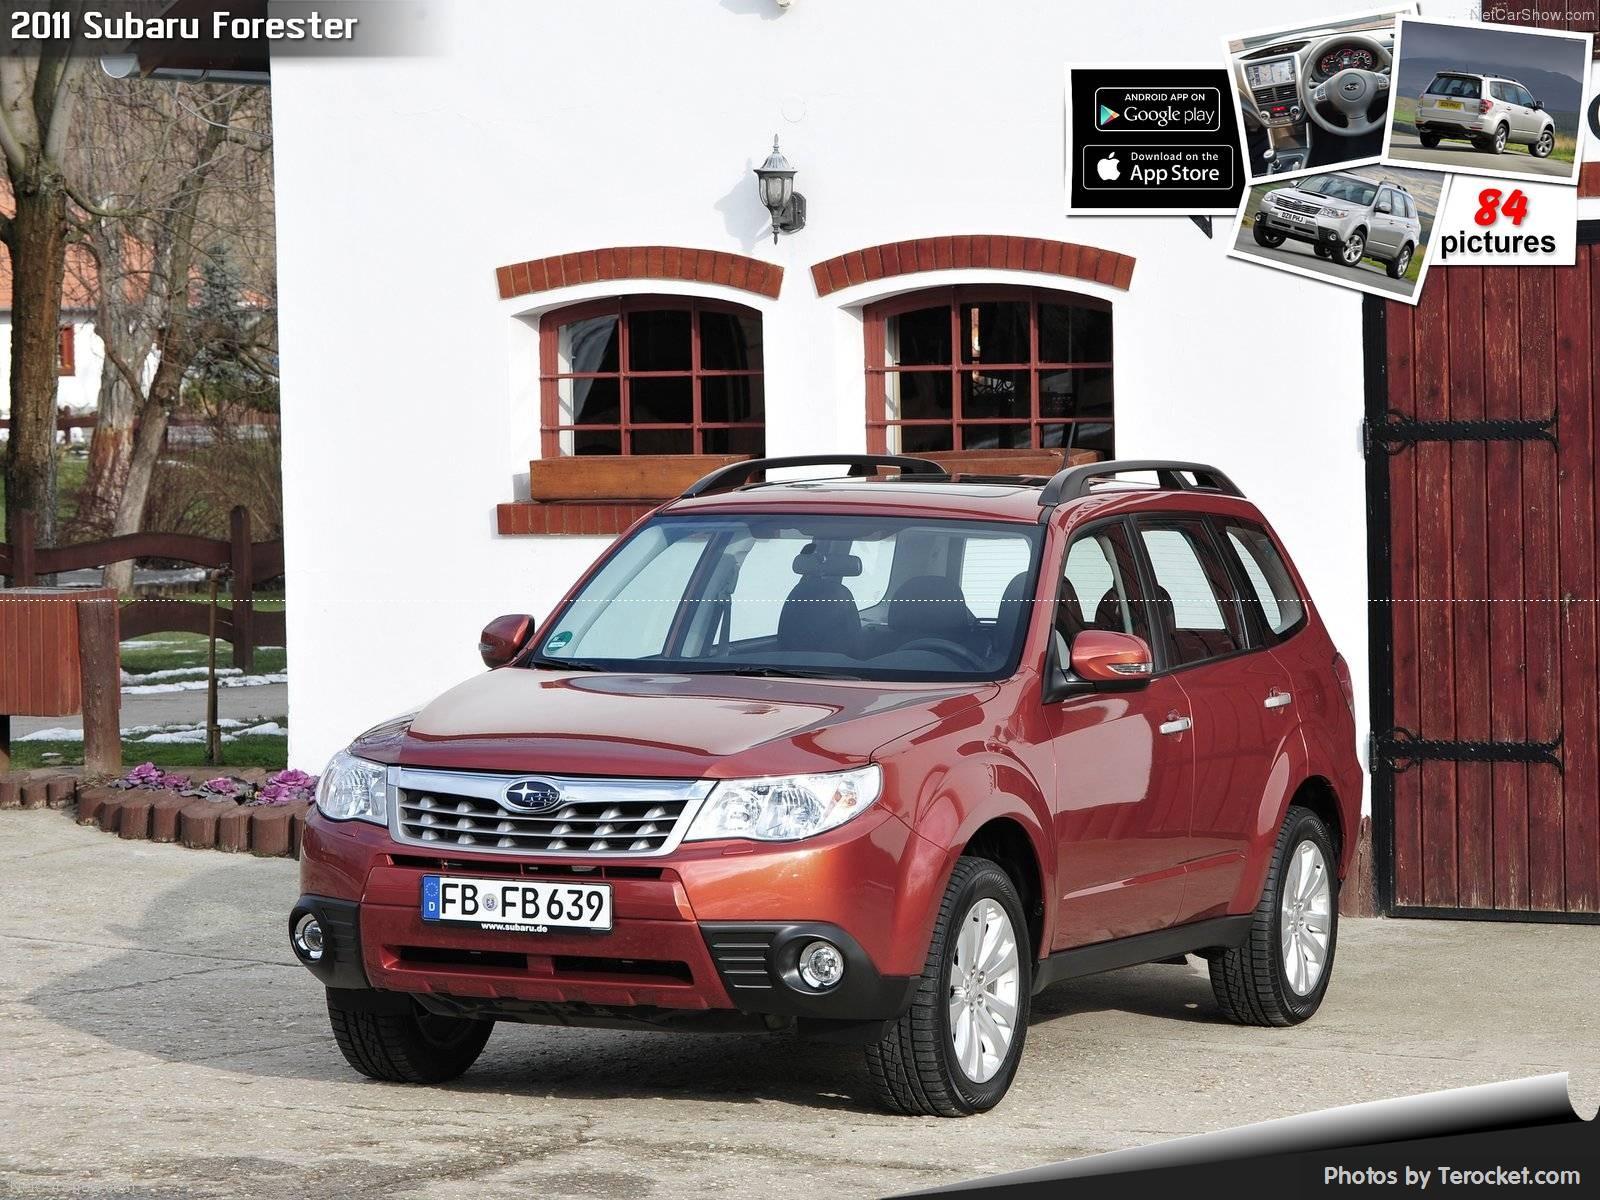 Hình ảnh xe ô tô Subaru Forester 2011 & nội ngoại thất Photos